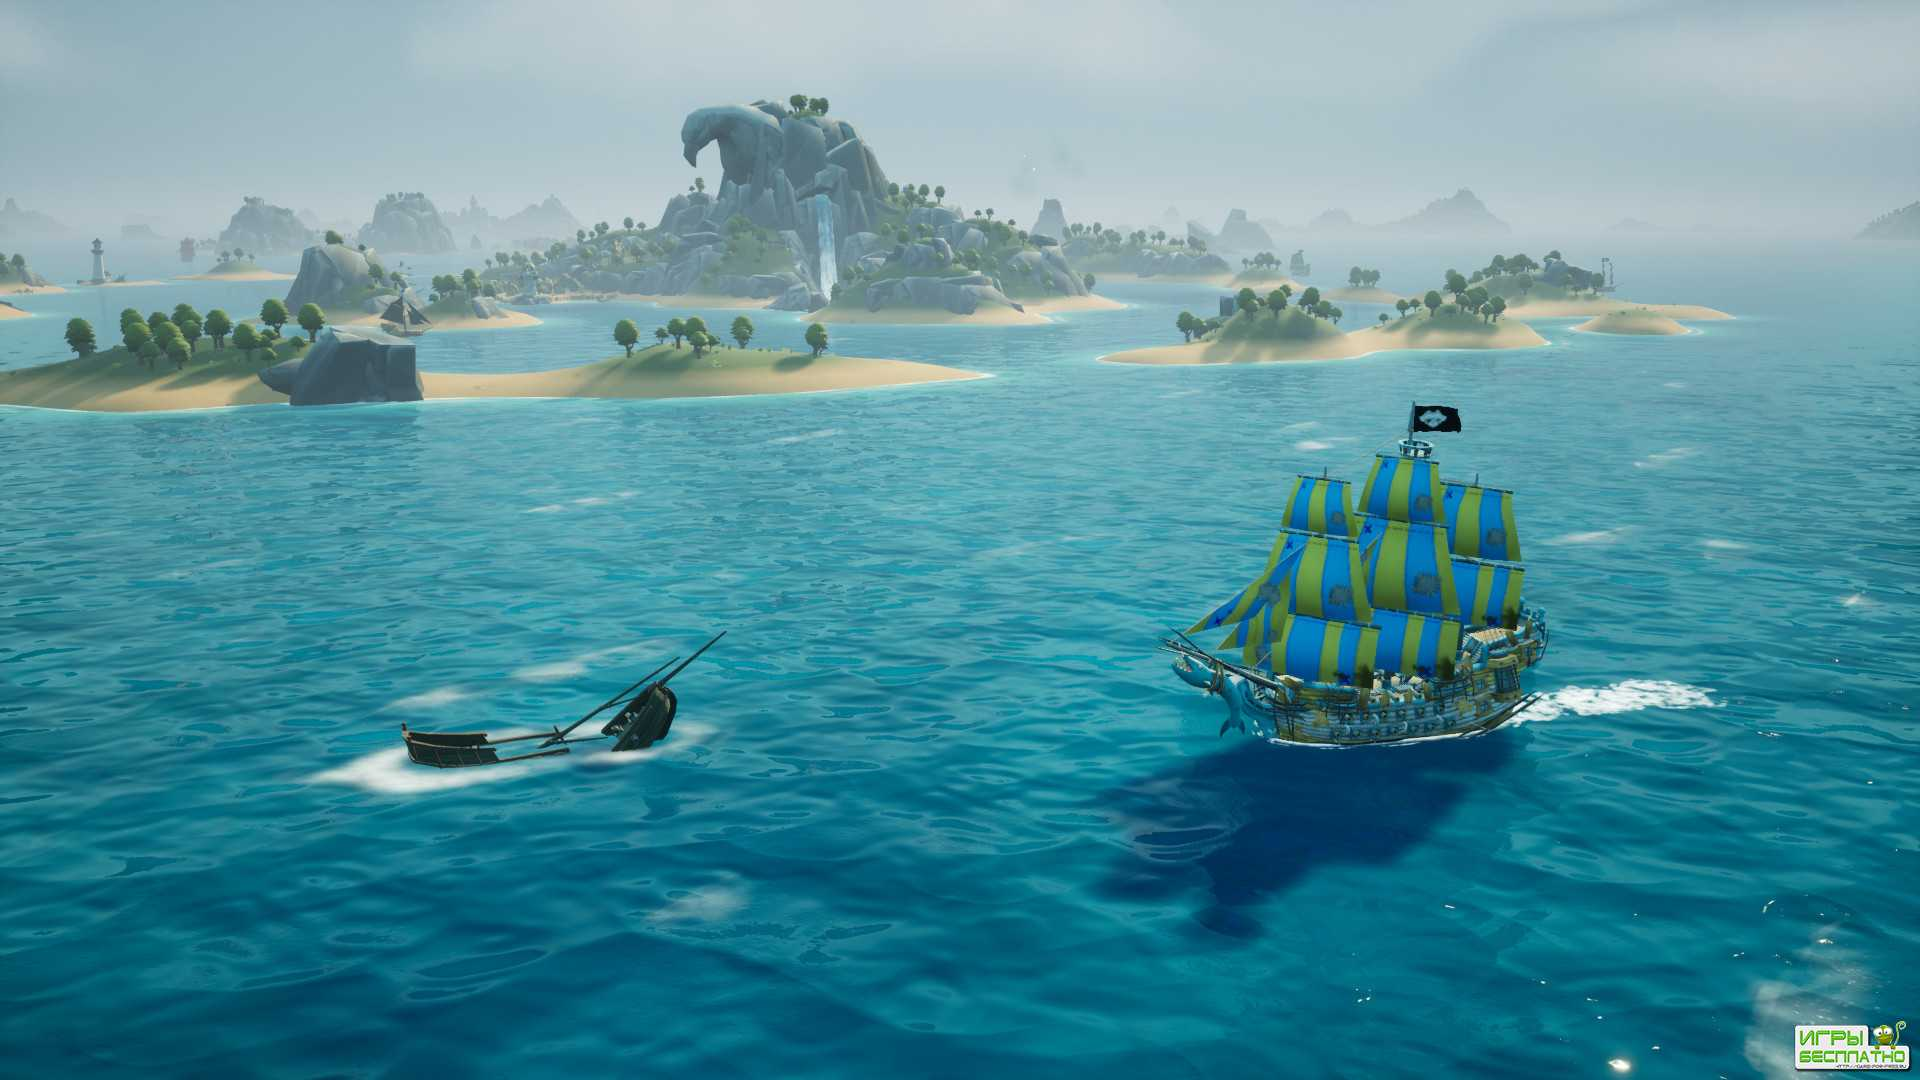 15 минут геймплея пиратского экшена King of Seas